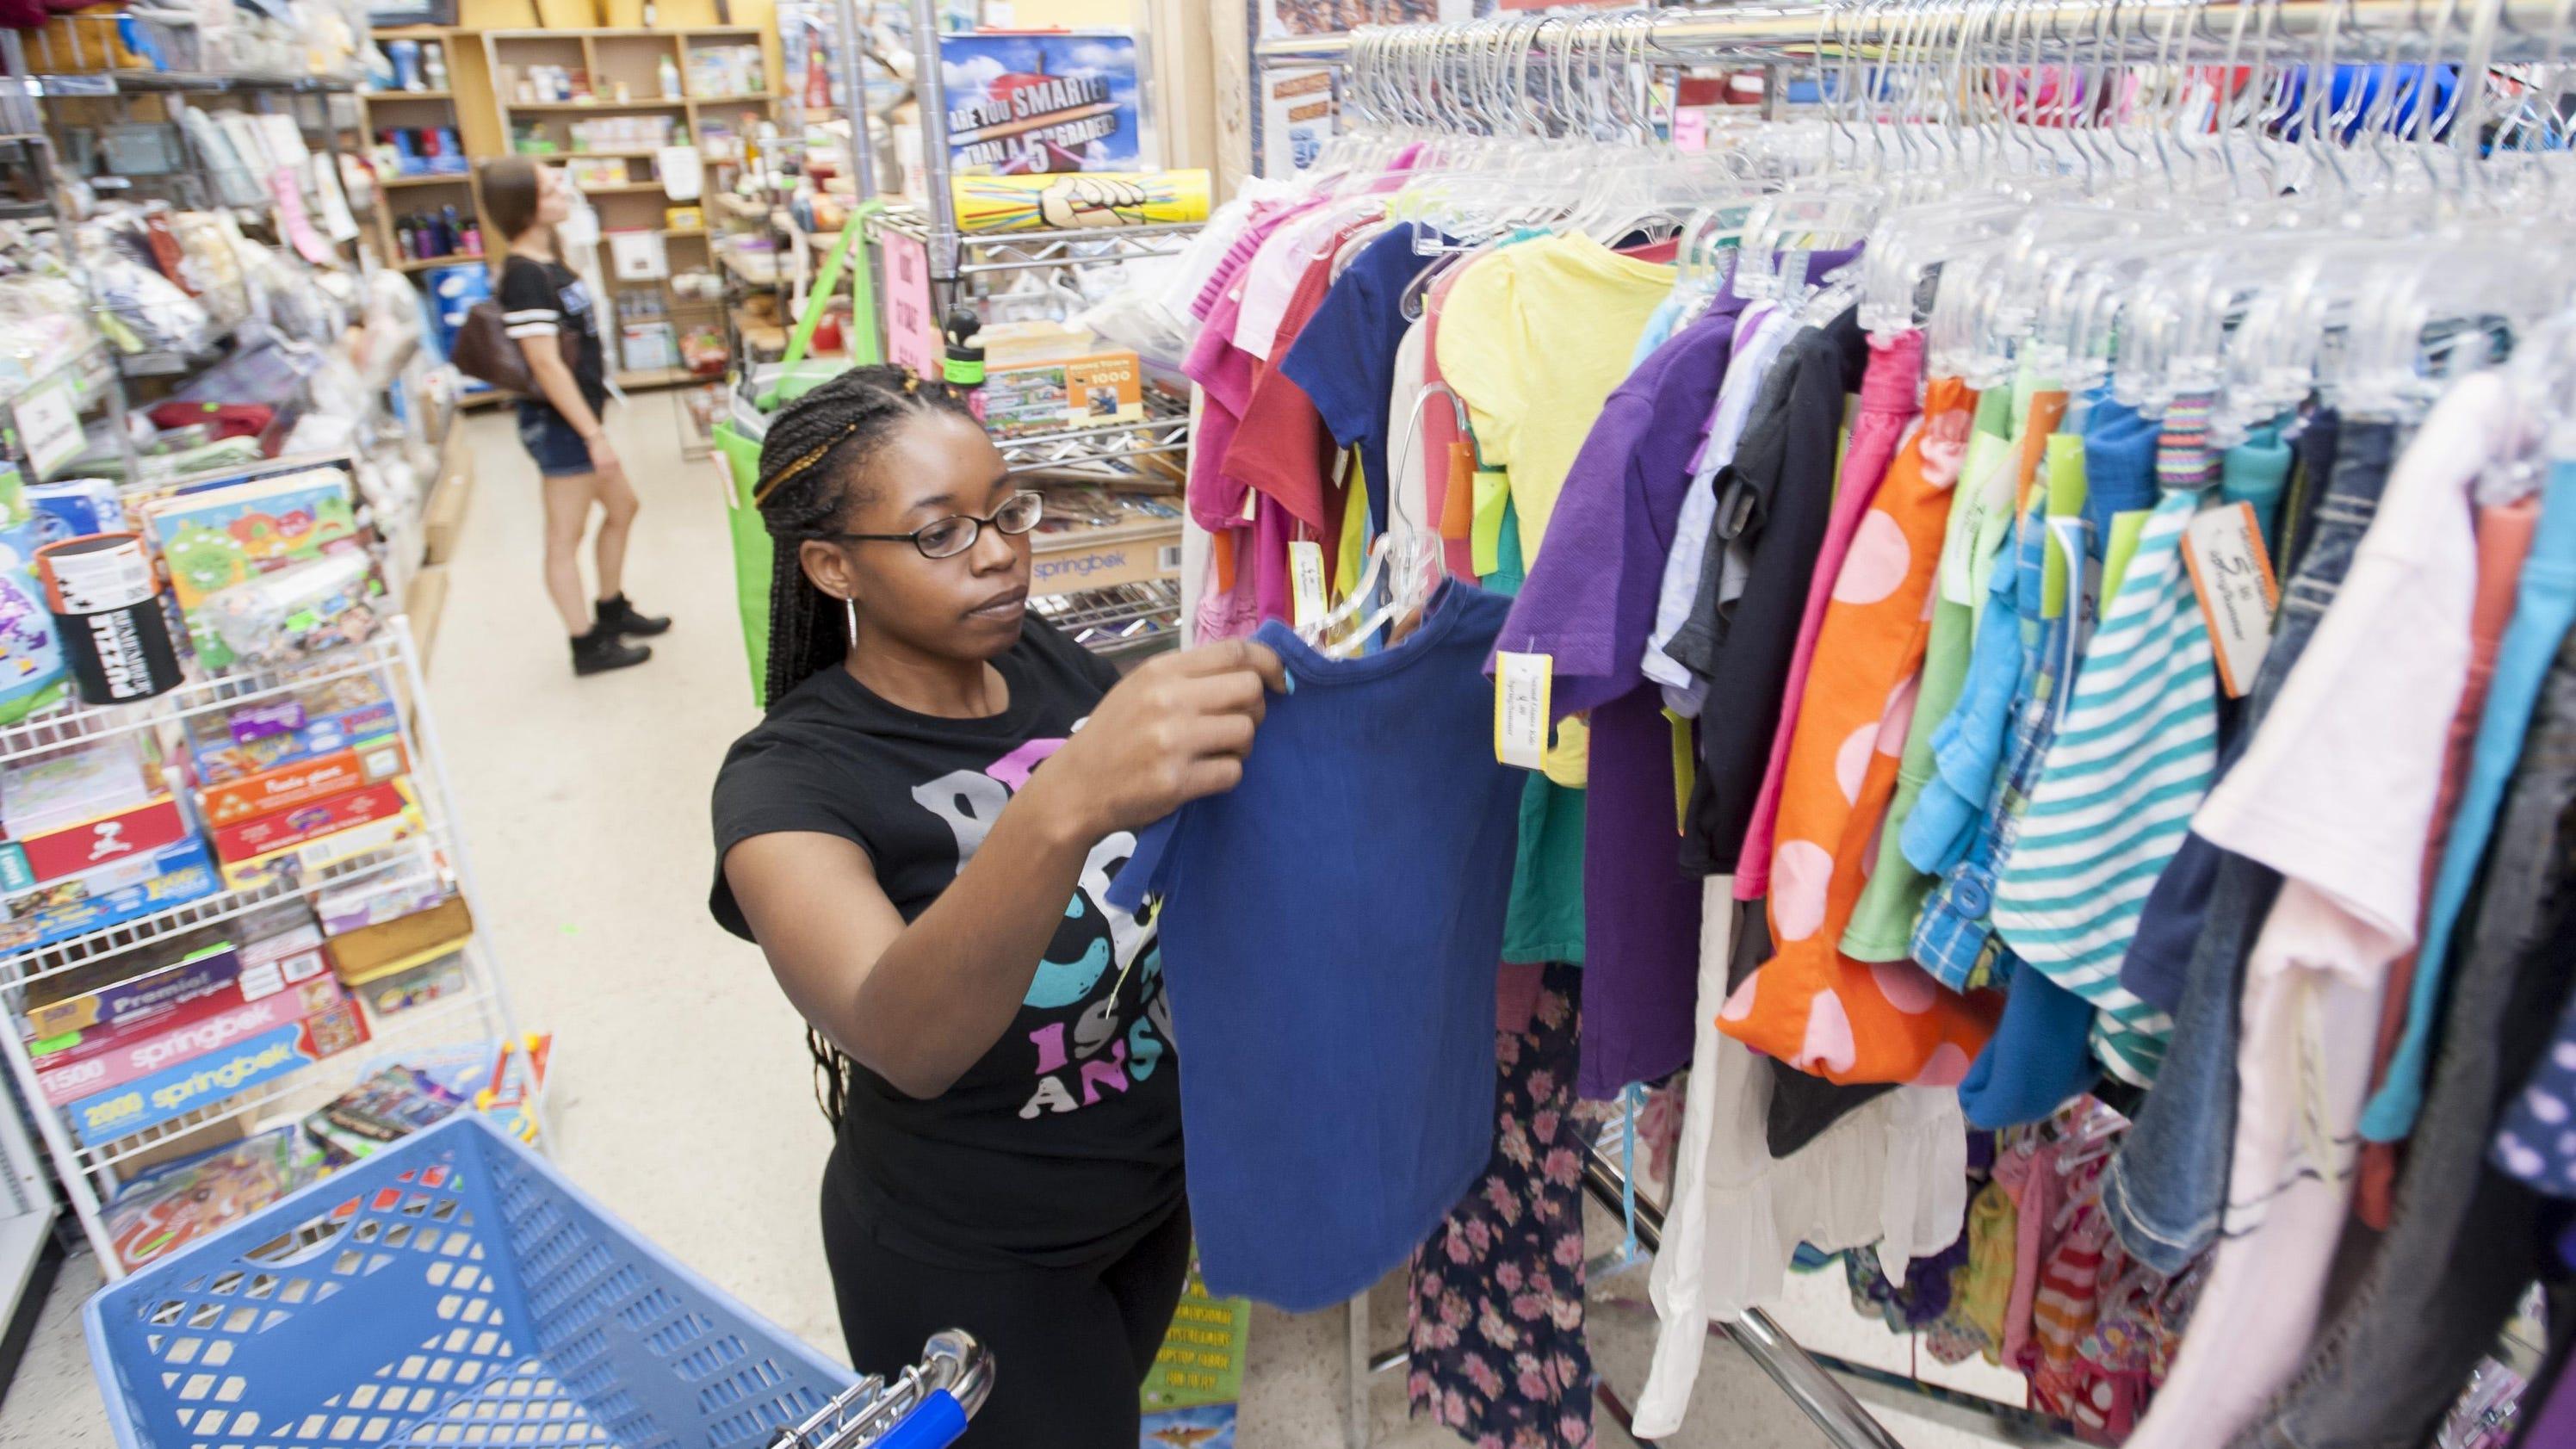 School shopping trend: Less spending, more thrift